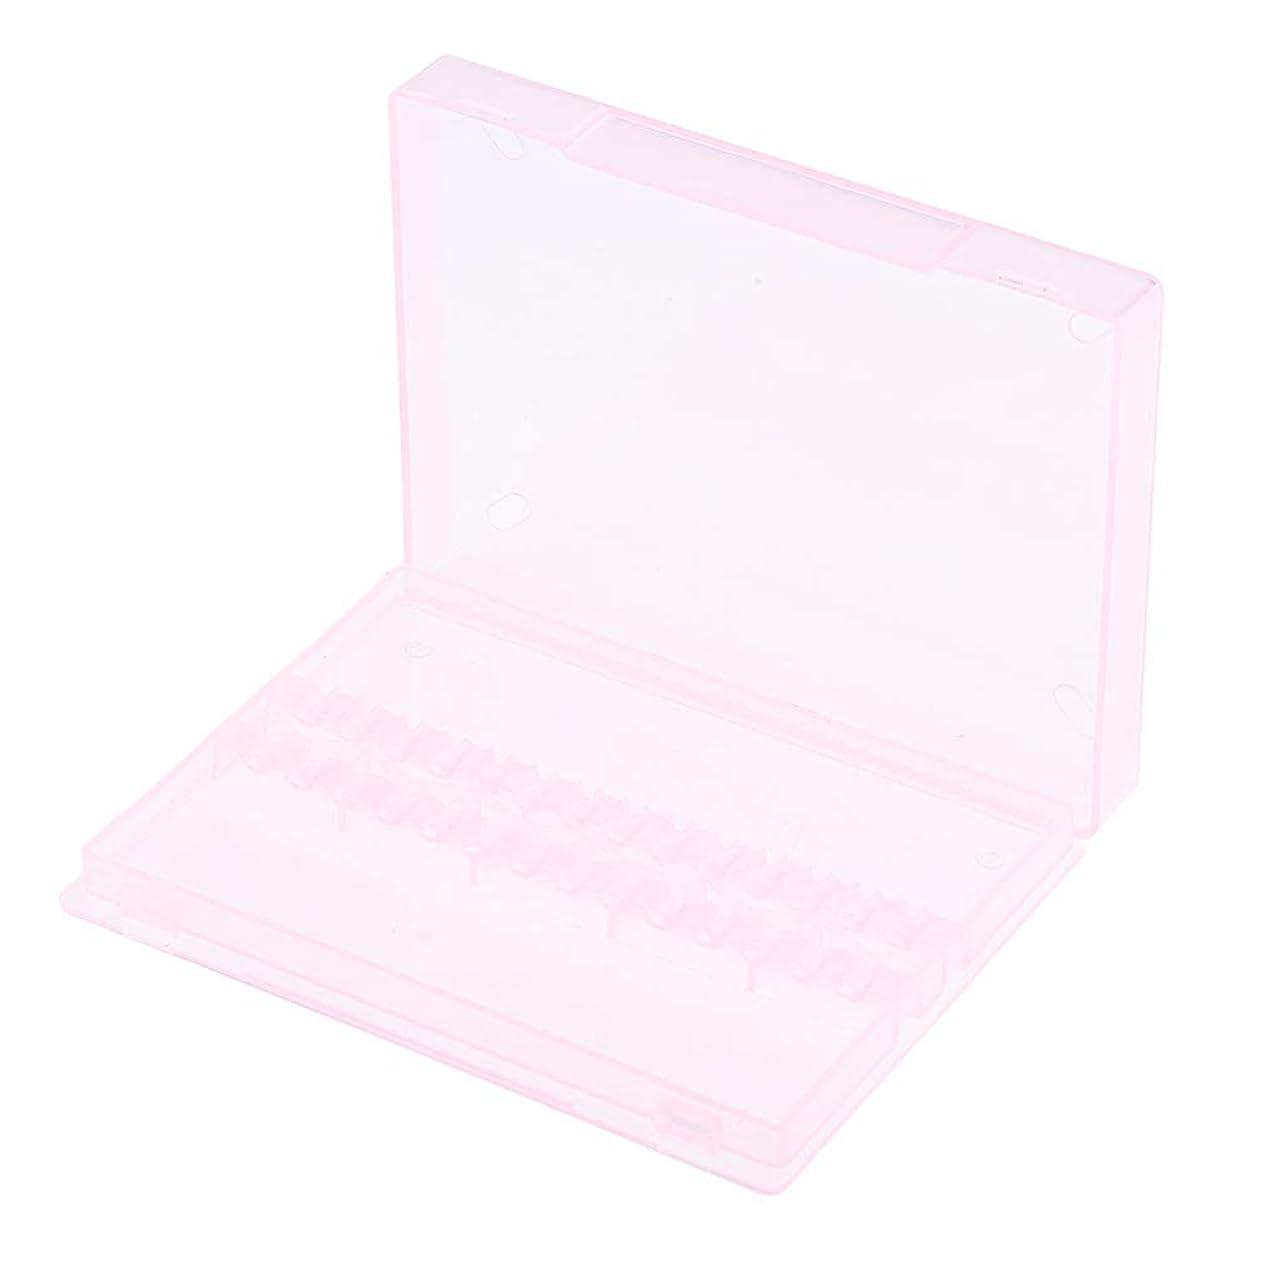 トーナメントによるとストレージF Fityle ネイルアート ドリルビットホルダー 空ボックス 収納ケース 2色選べ - ピンク